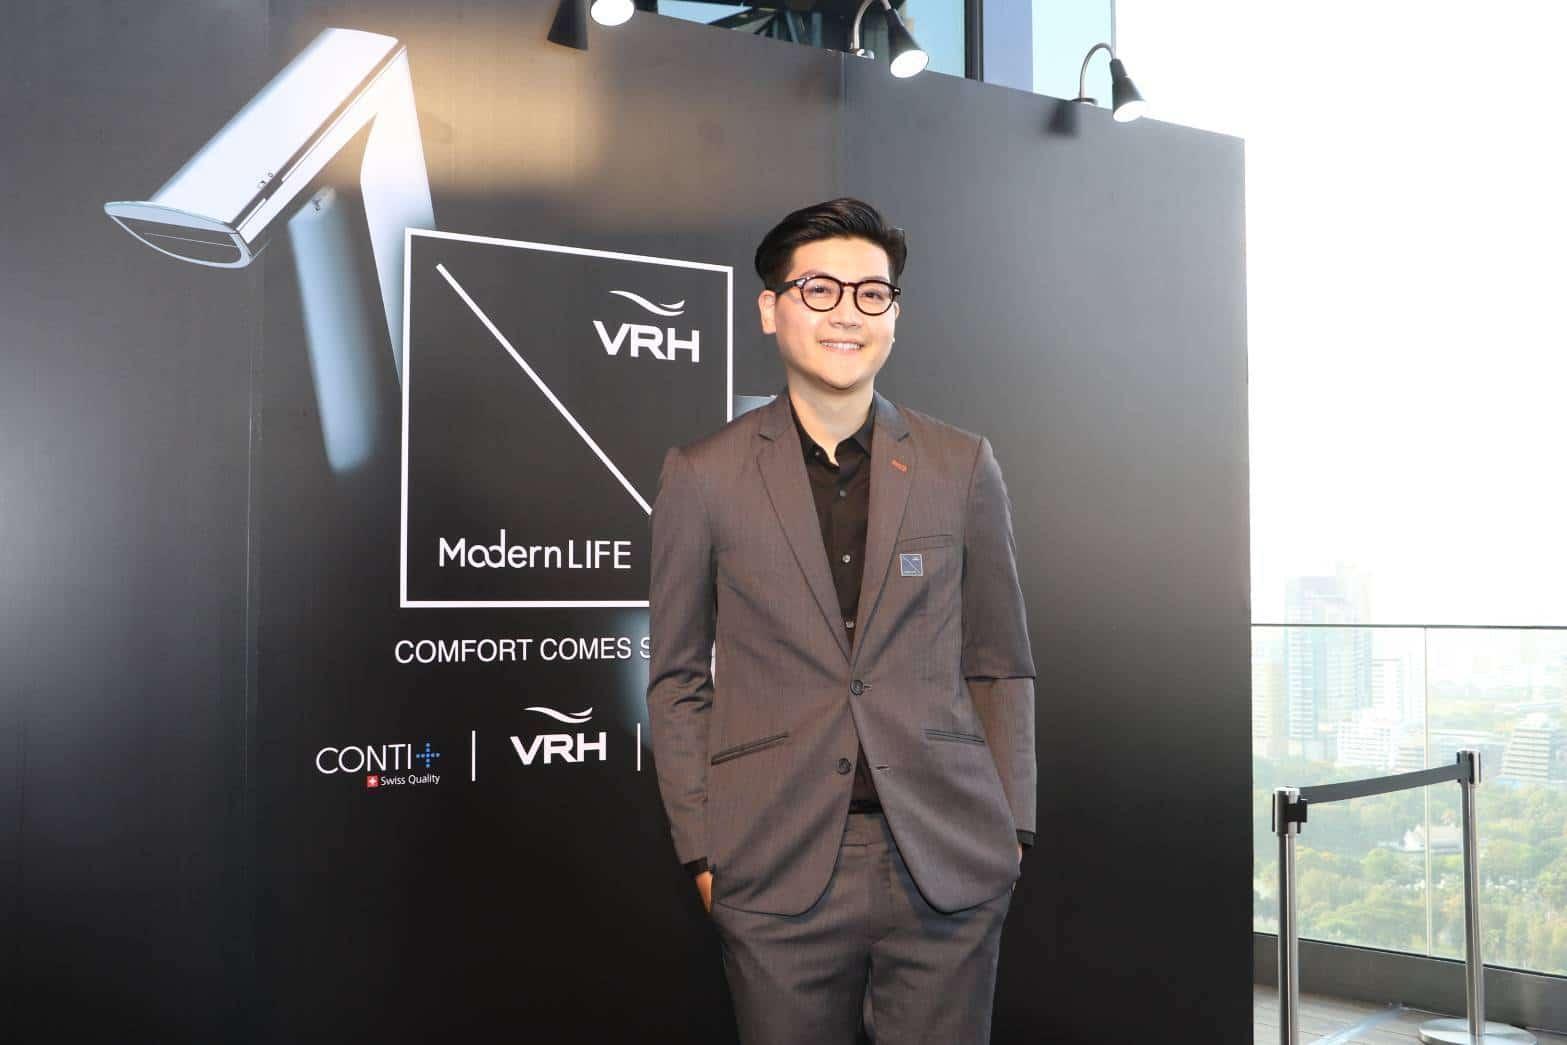 VRH ขยายไลน์ธุรกิจนำเข้าผลิตภัณฑ์หรูชูเทคโนโลยีสนองดีมานด์ตลาดบน | Prop2Morrow บ้าน คอนโด ข่าวอสังหาฯ